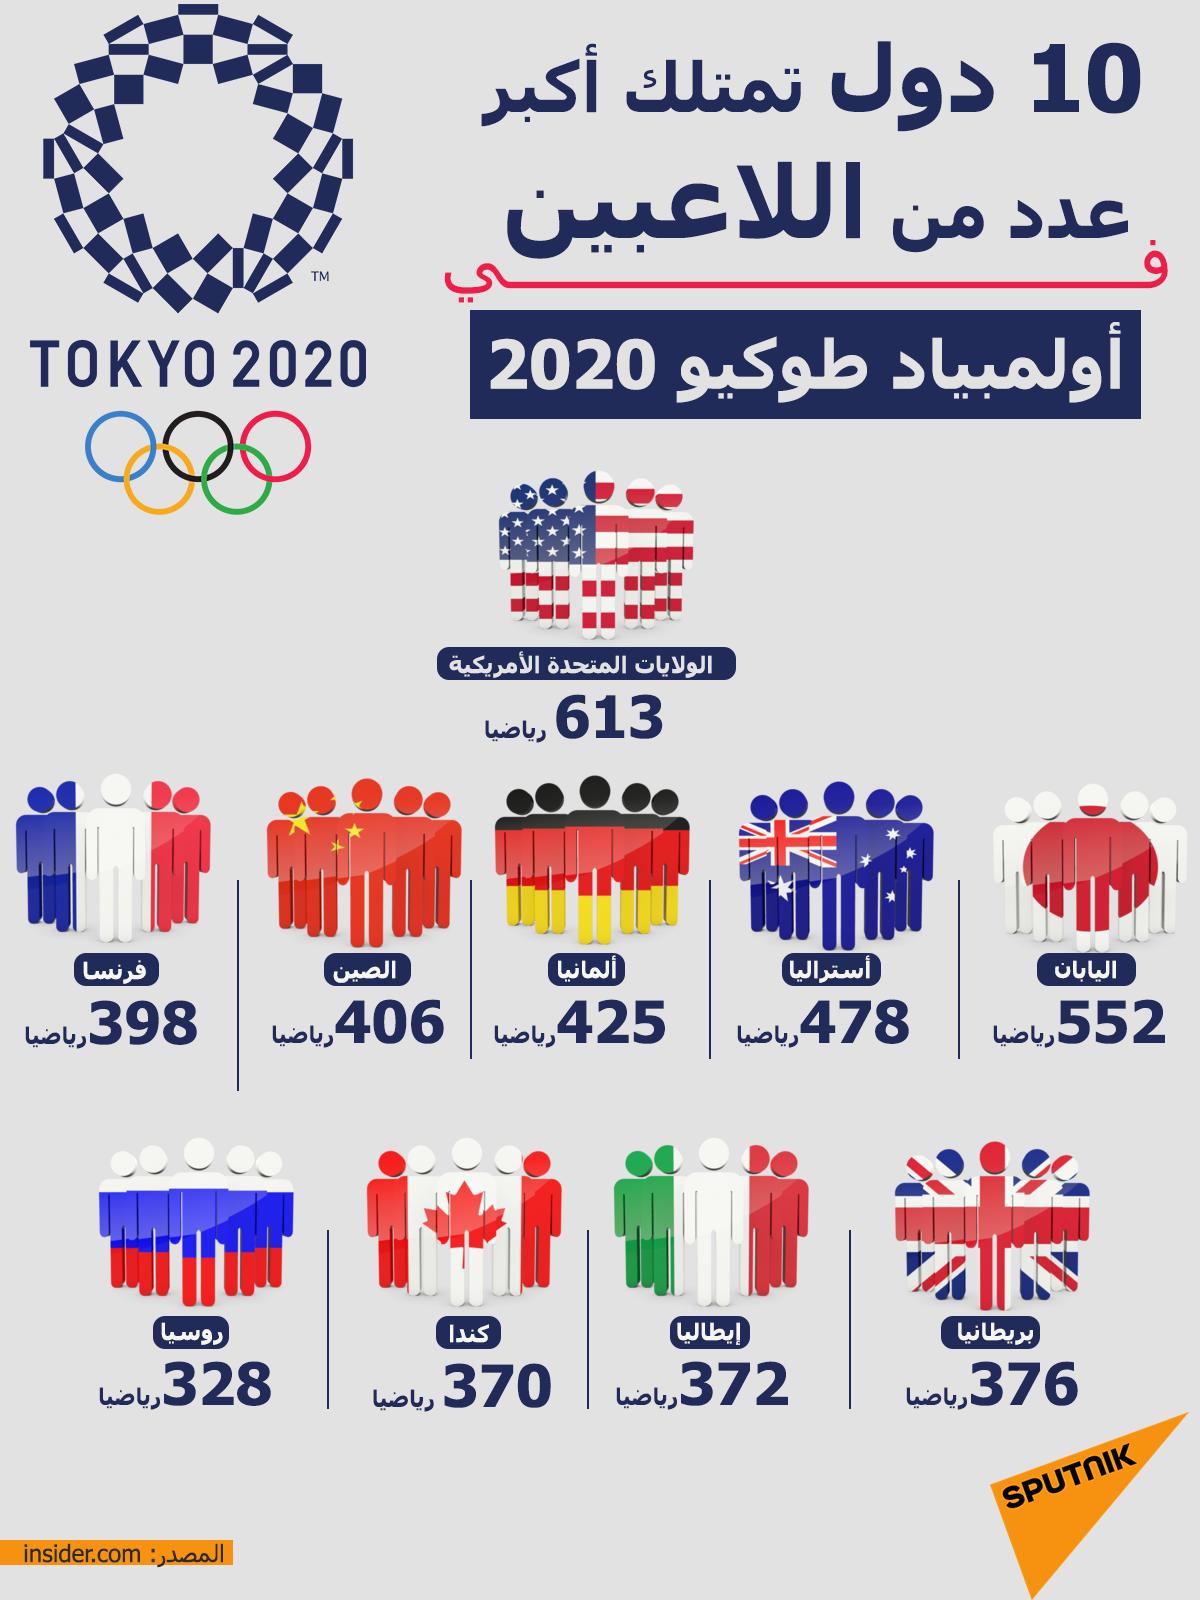 إنفوجرافيك... 10 دول تمتلك أكبر عدد من اللاعبين في أولمبياد طوكيو 2020